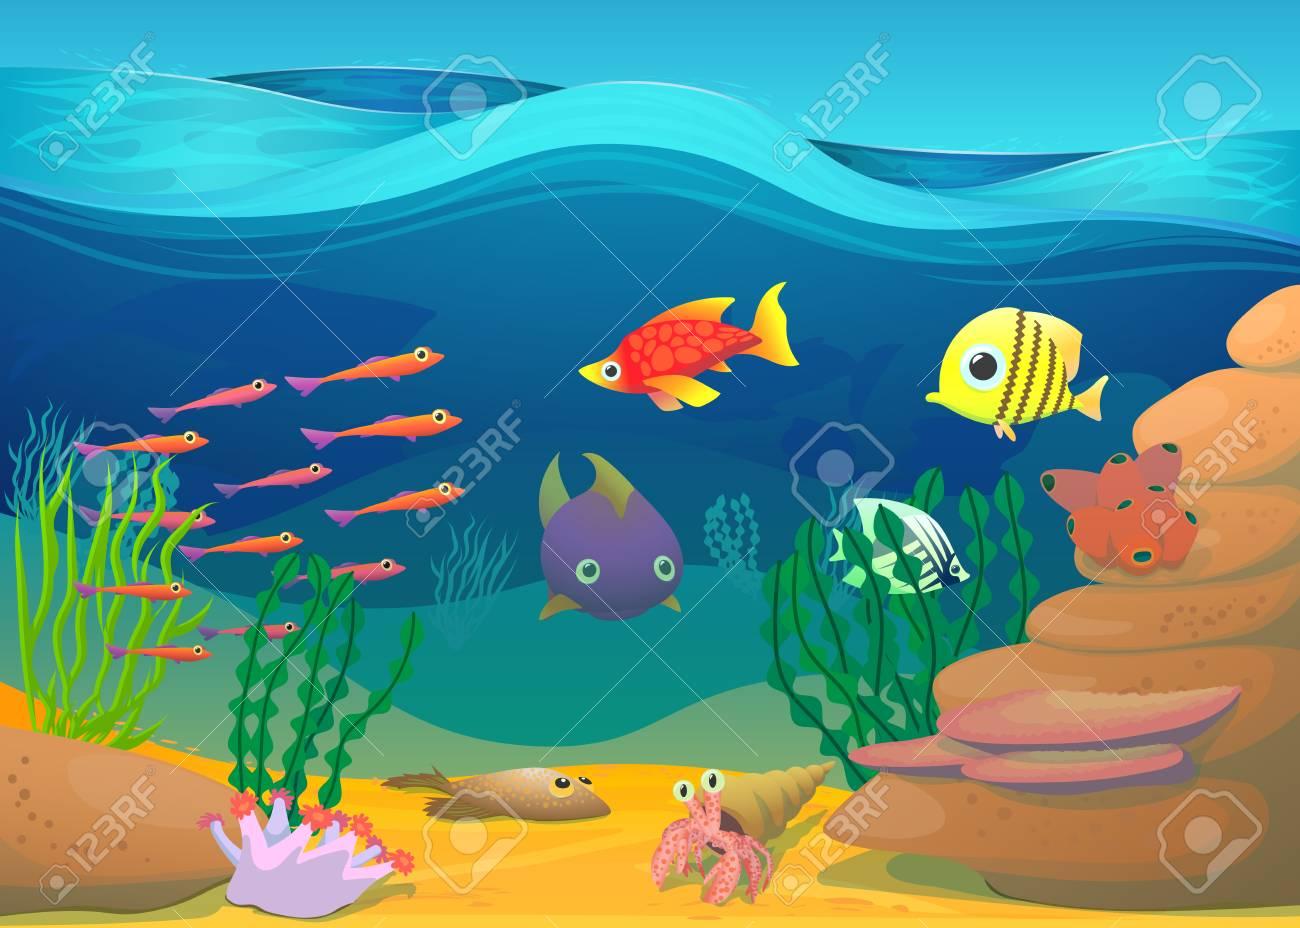 海藻イラスト漫画の魚多色画像のイラスト素材ベクタ Image 48597155